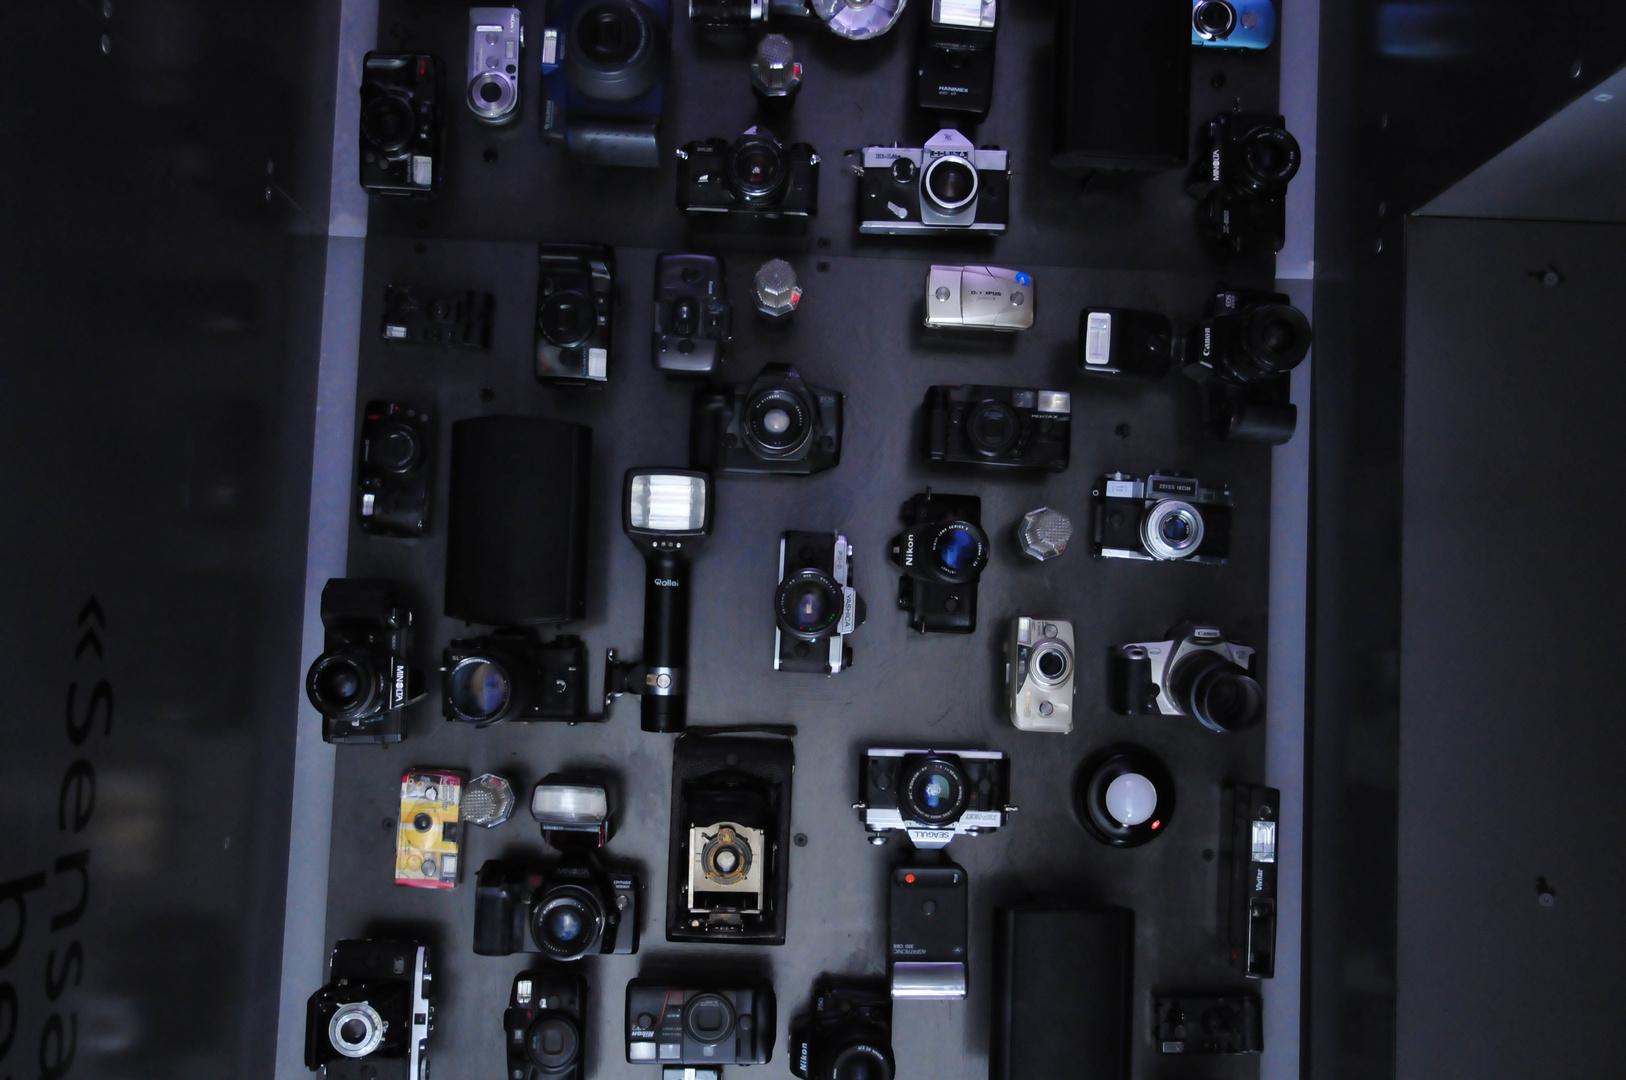 Fototechnik einmal anders